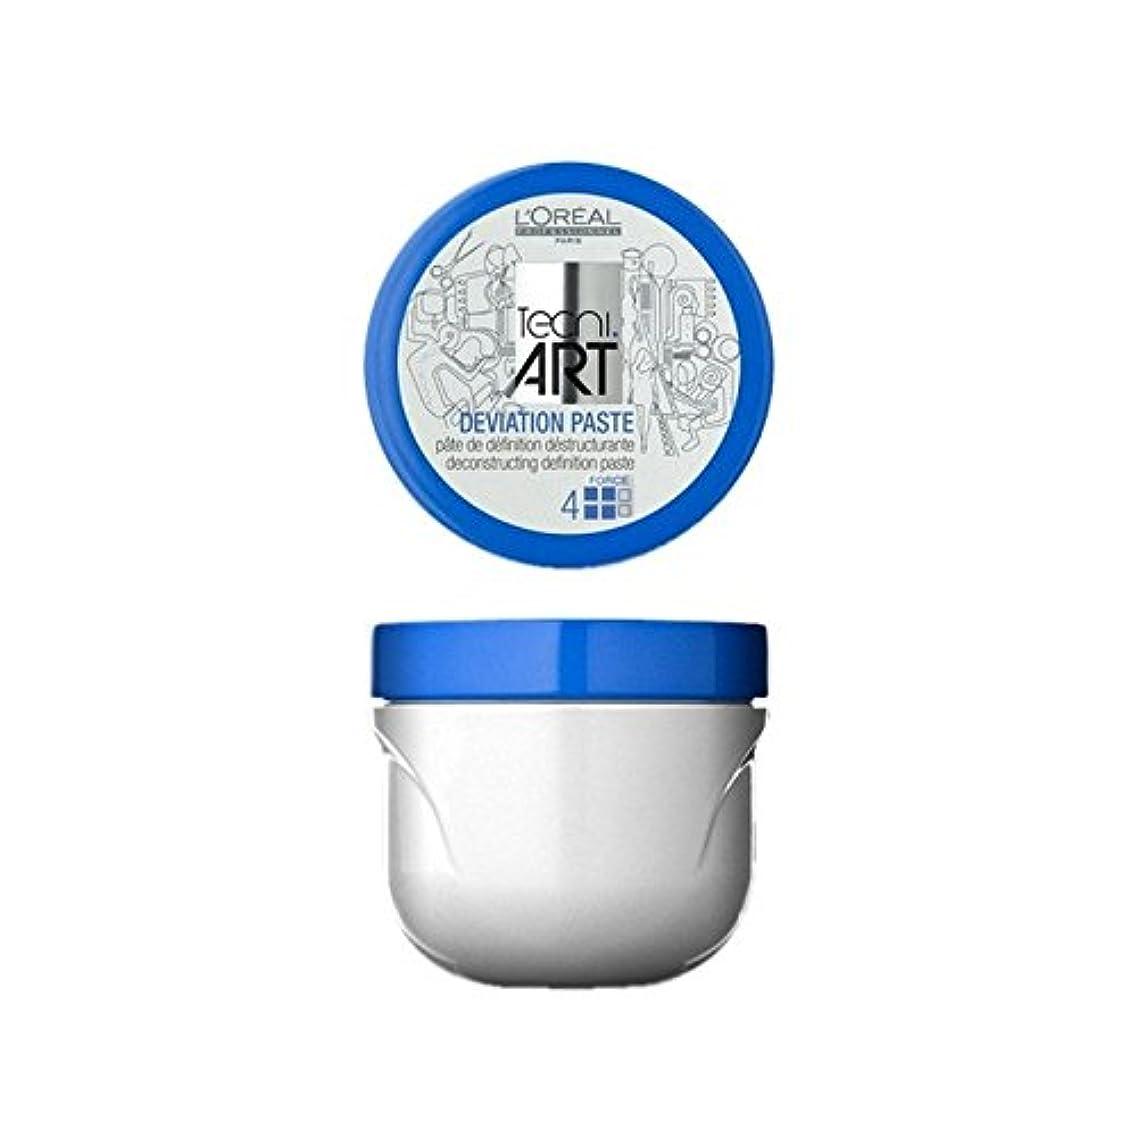 支援牧師冷蔵庫L'Oreal Professionnel Tecni Art Deviation Paste (100ml) - ロレアルプロフェッショナル技術偏差ペースト(100)に [並行輸入品]